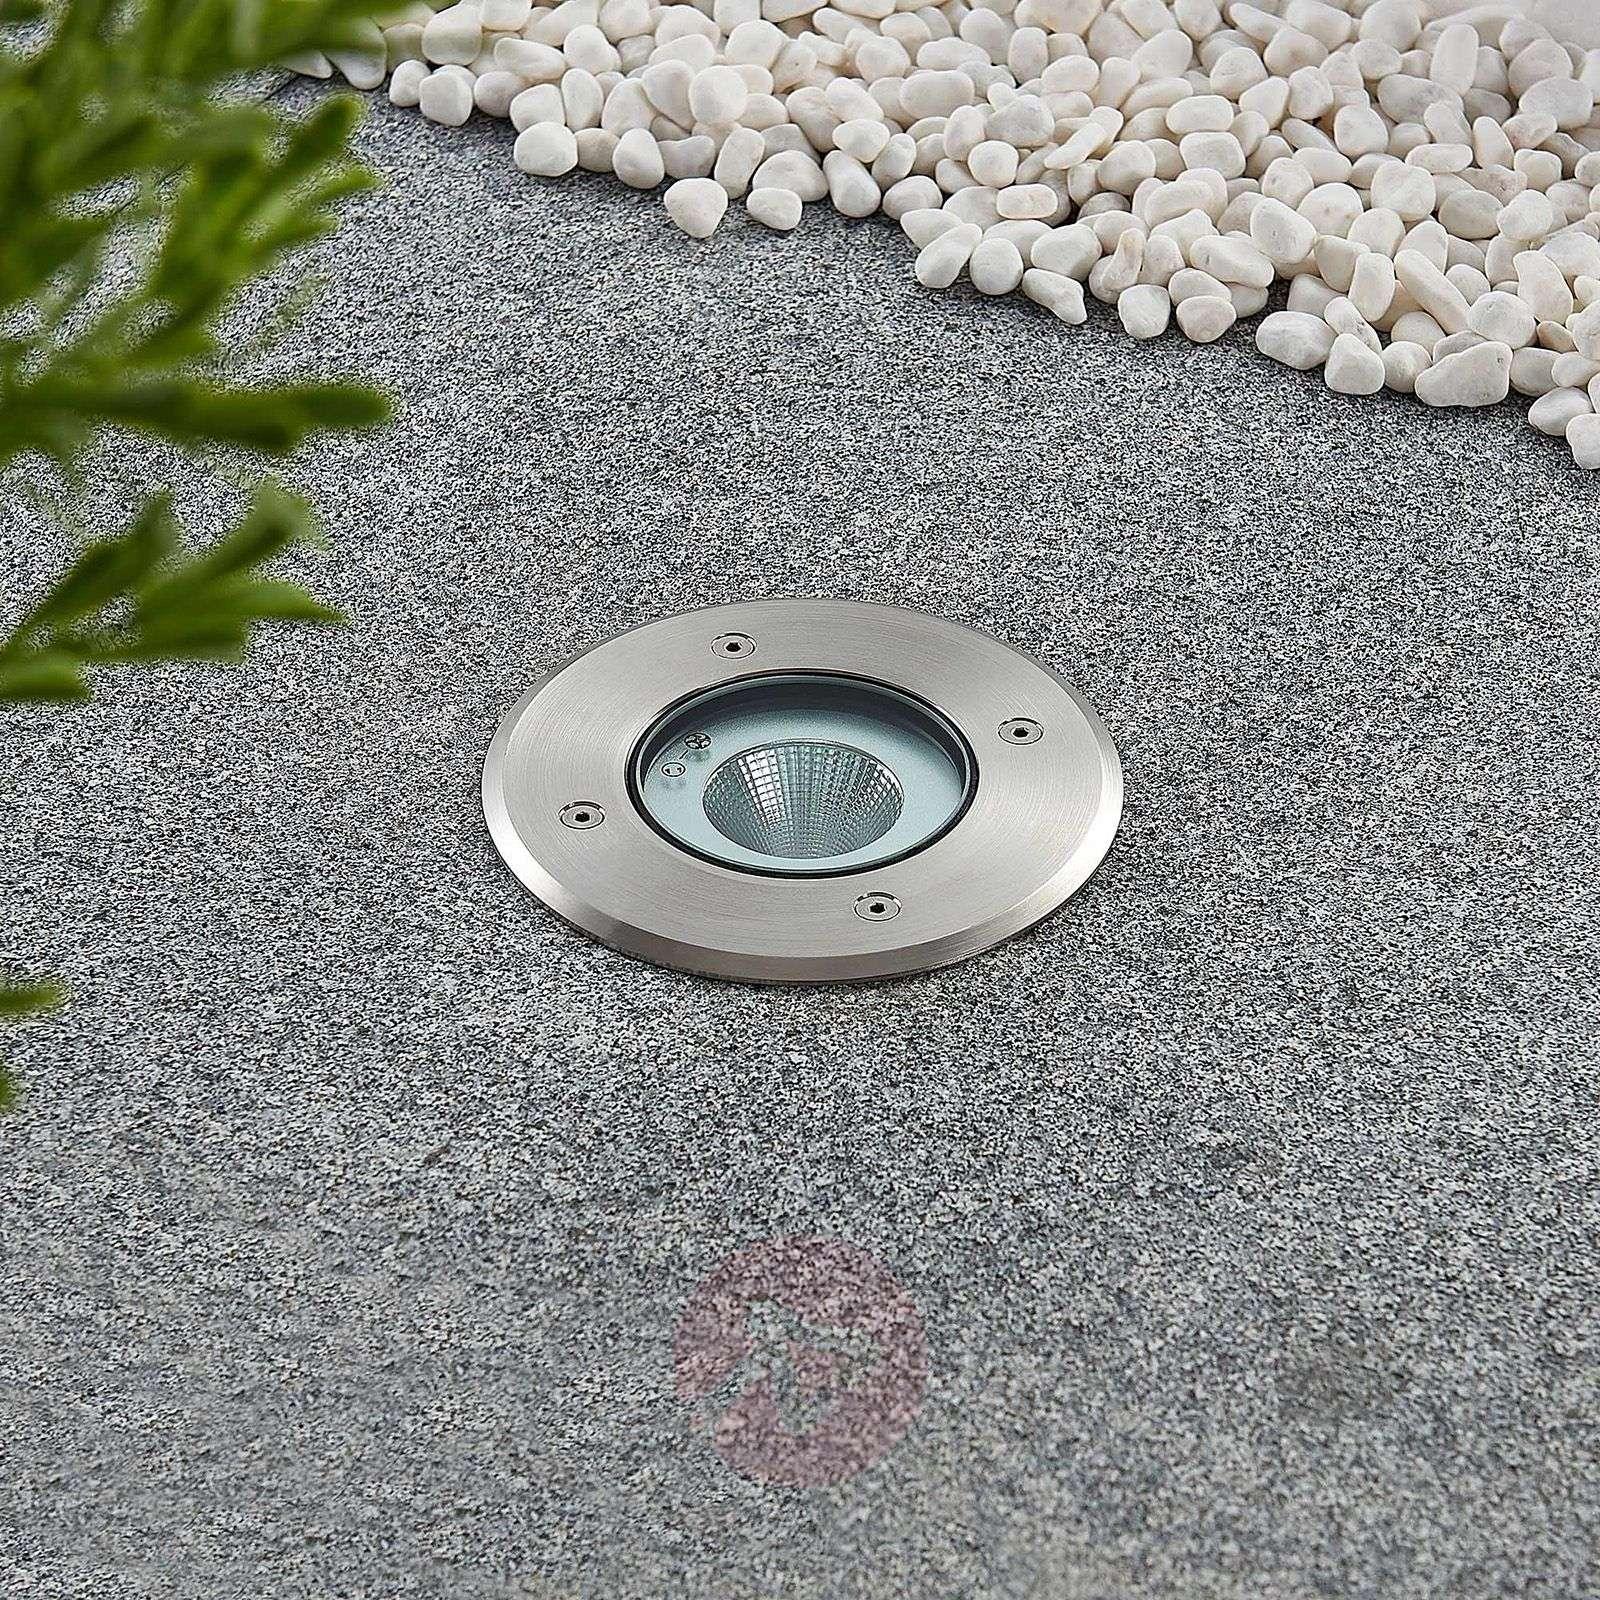 LED-lattiauppovalaisin Kari, pyöreä-9969083-02